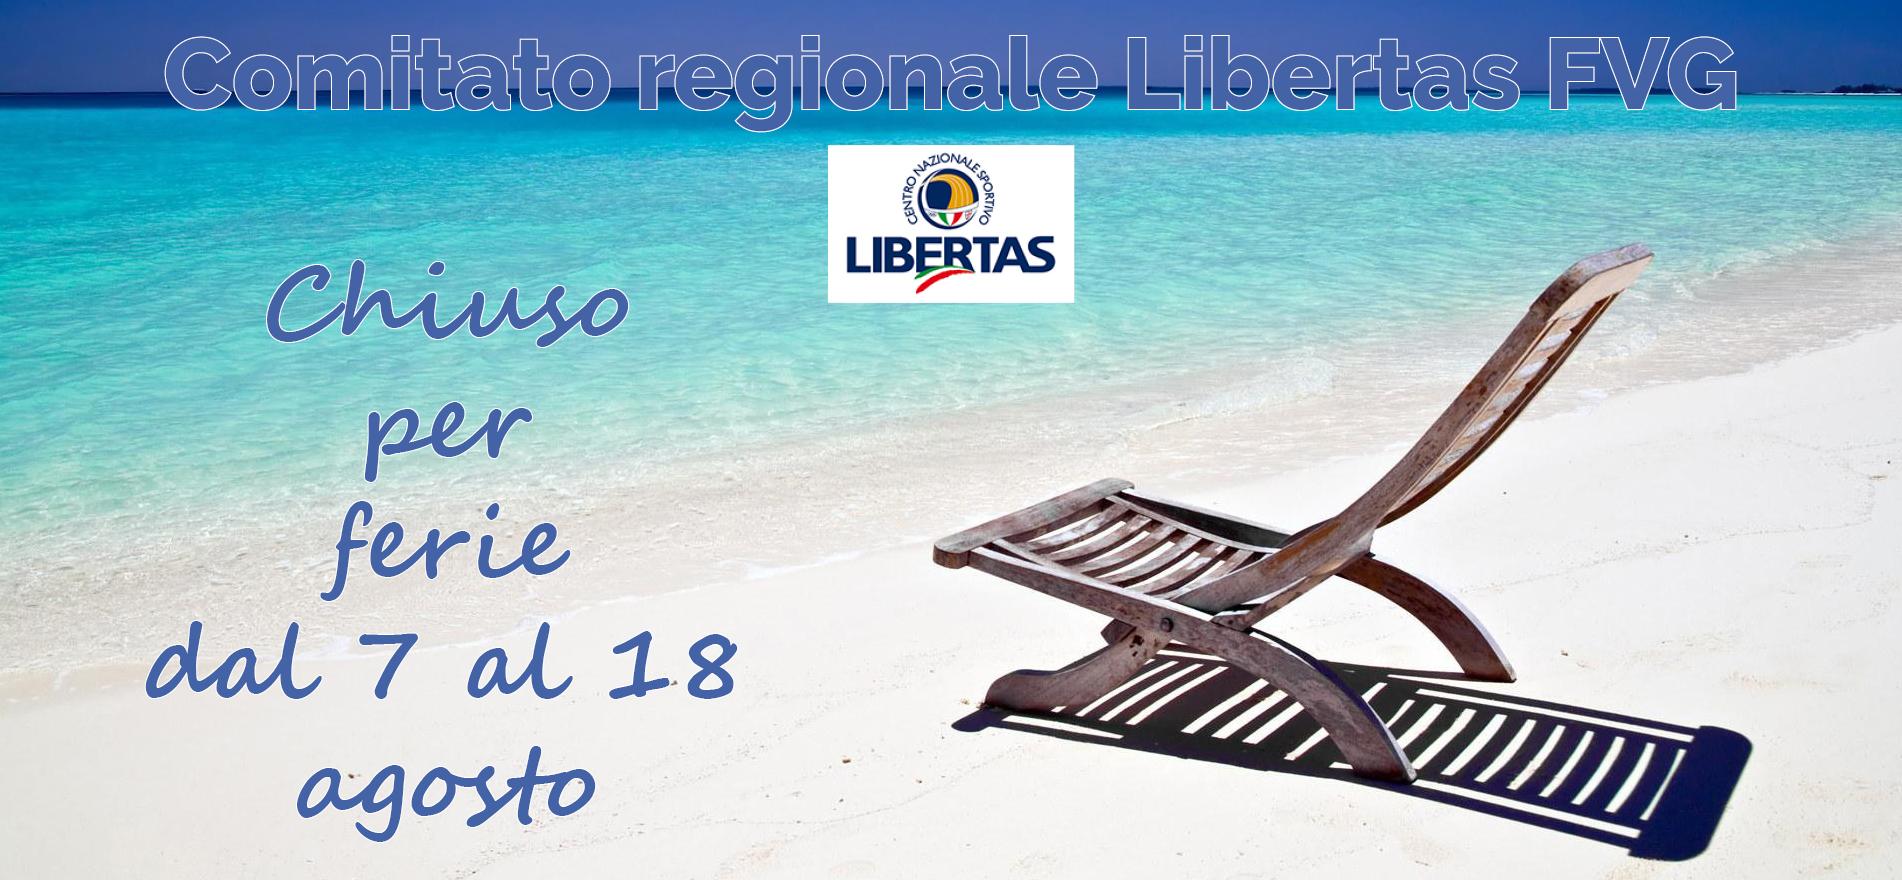 Centro Regionale Libertas FVG chiuso per ferie